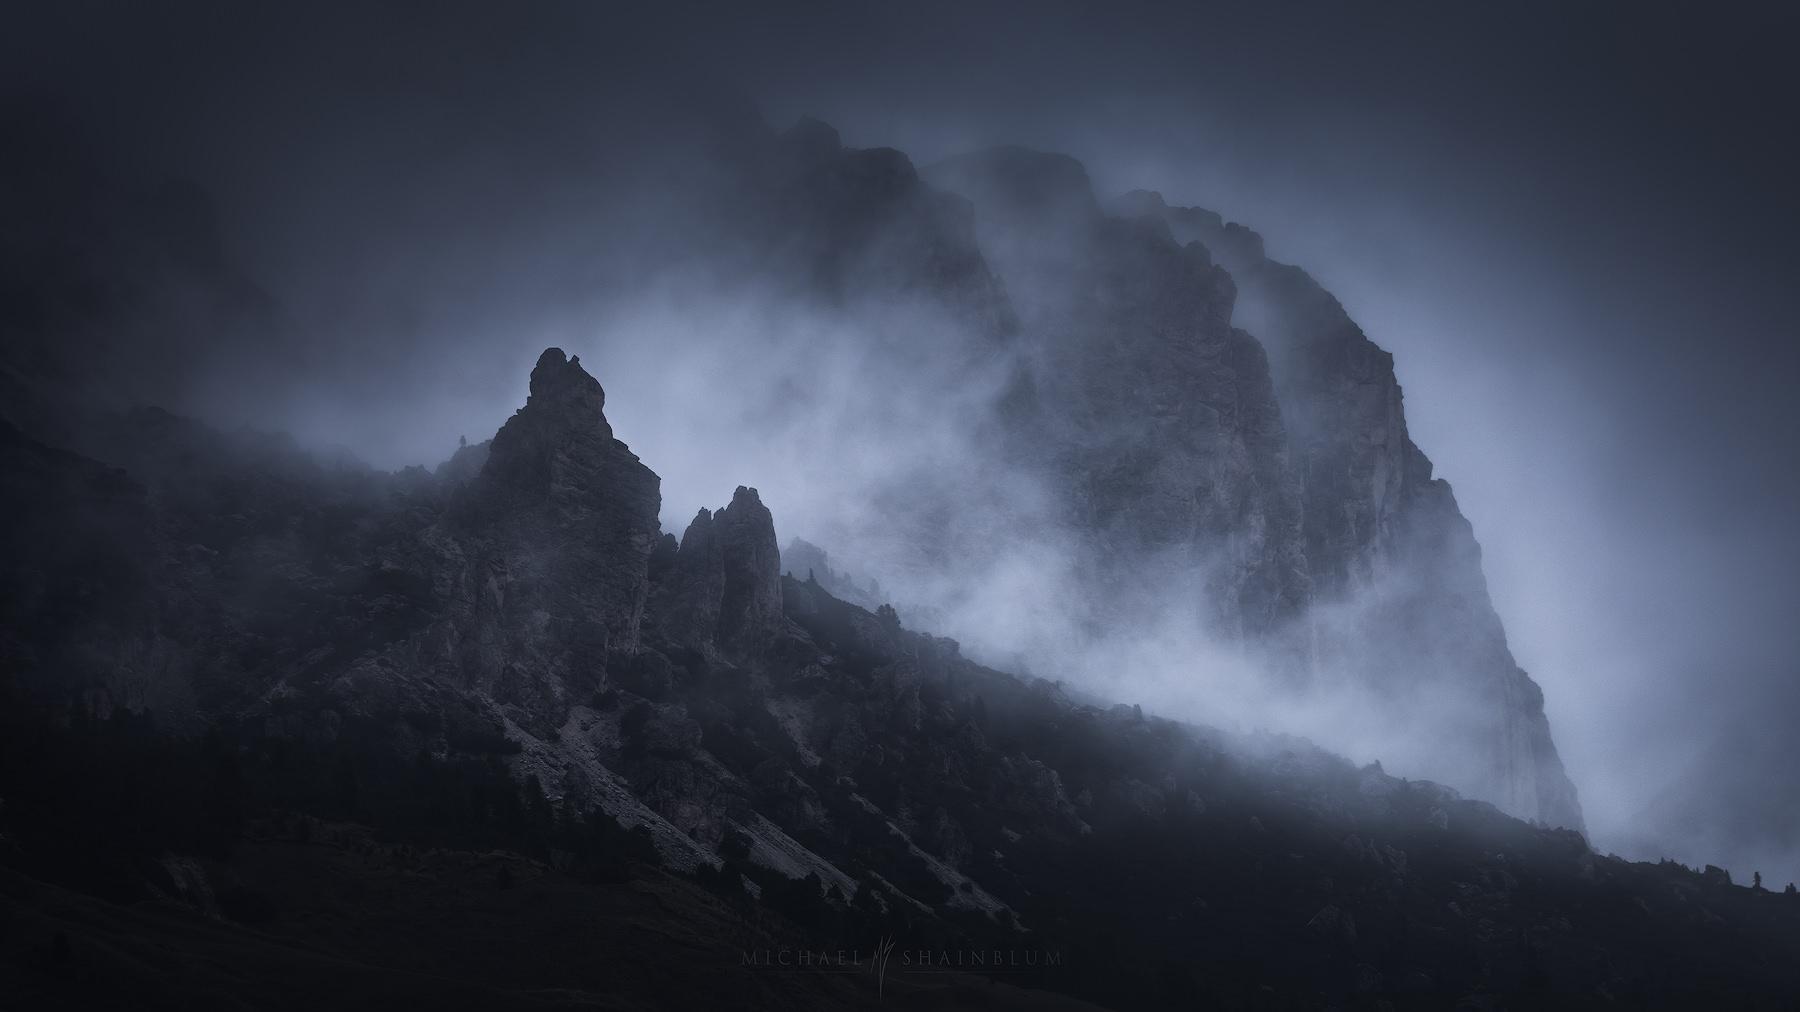 Fog Dolomites Mountain Landscape Photography